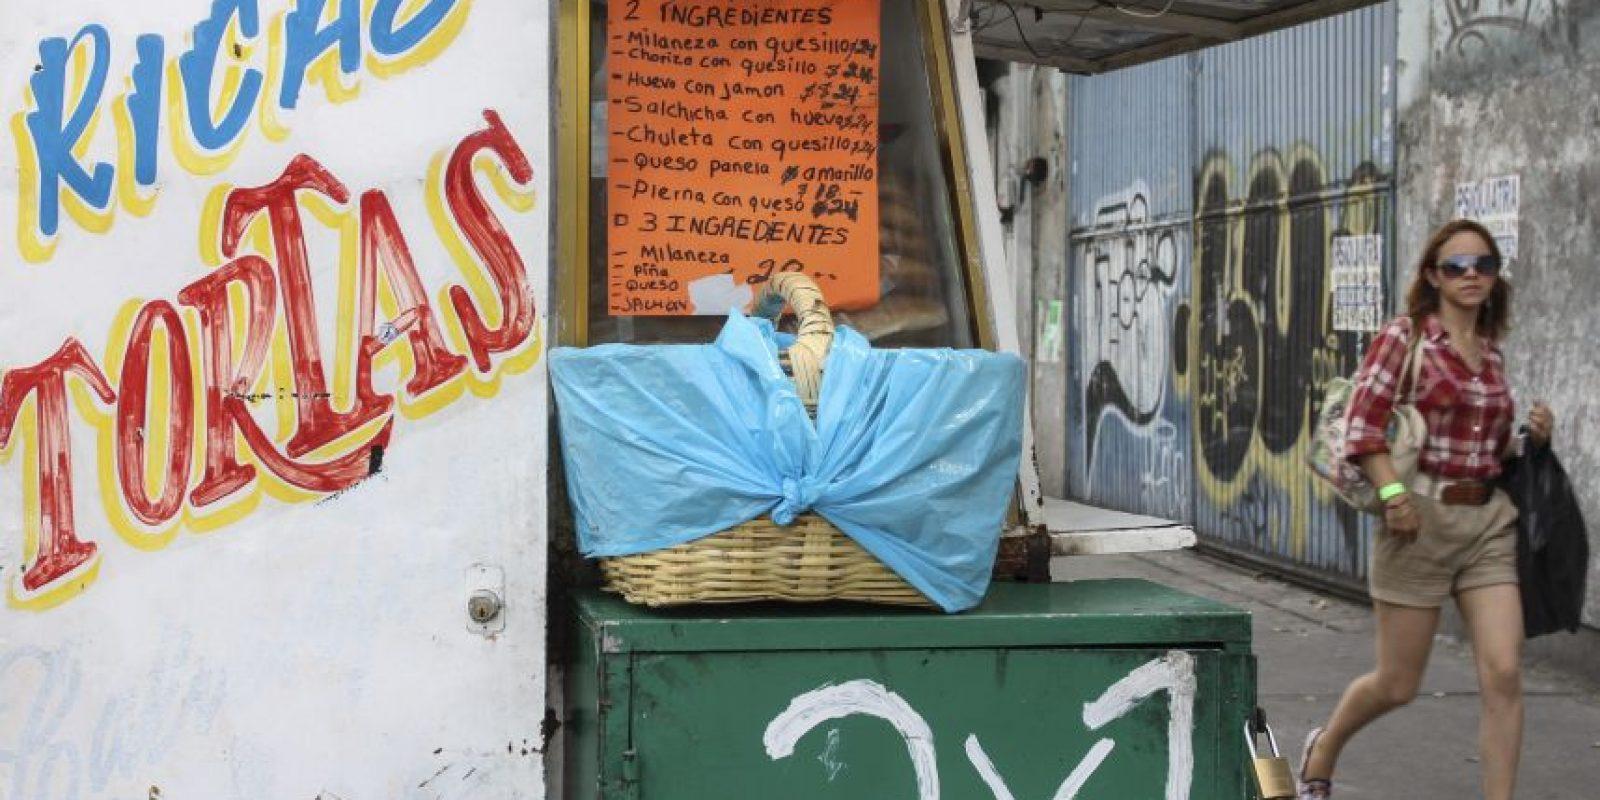 Las tortas serán de los alimentos más afectados Foto:cuartoscuro